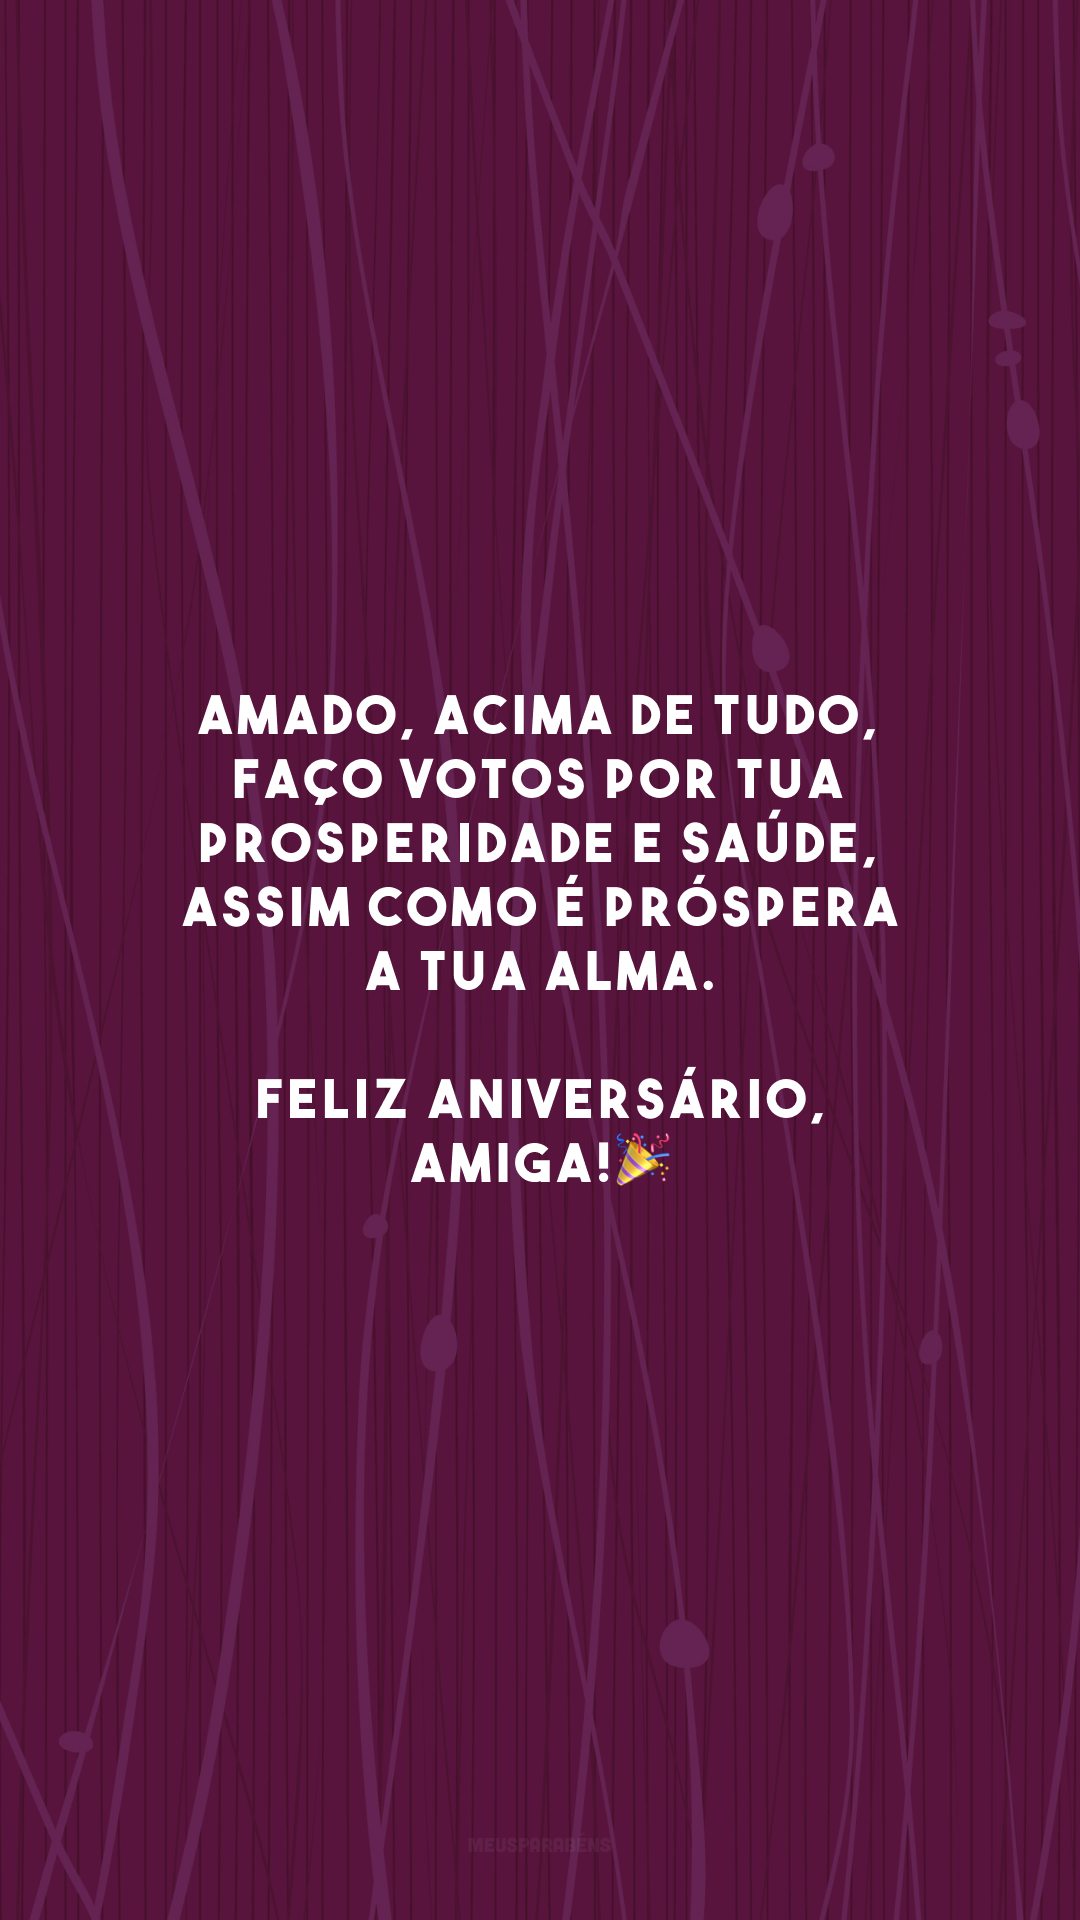 Amado, acima de tudo, faço votos por tua prosperidade e saúde, assim como é próspera a tua alma. Feliz aniversário, amiga!🎉